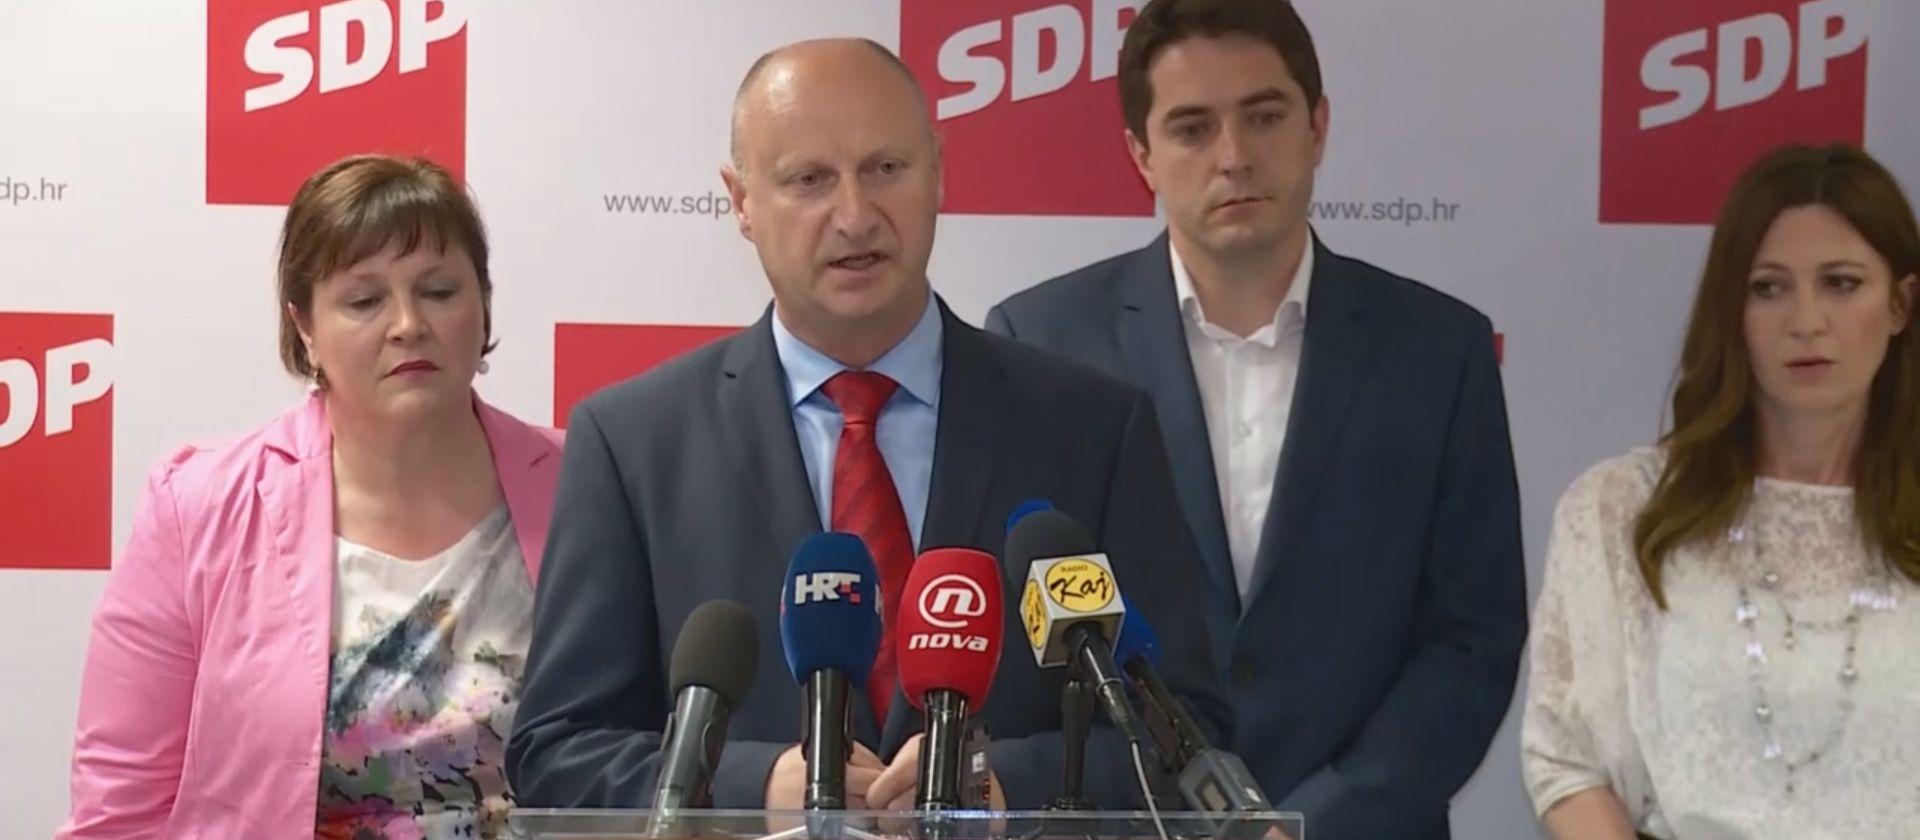 """JAKŠIĆ """"Očekujem redefiniciju političke platforme SDP-a nakon izbora"""""""